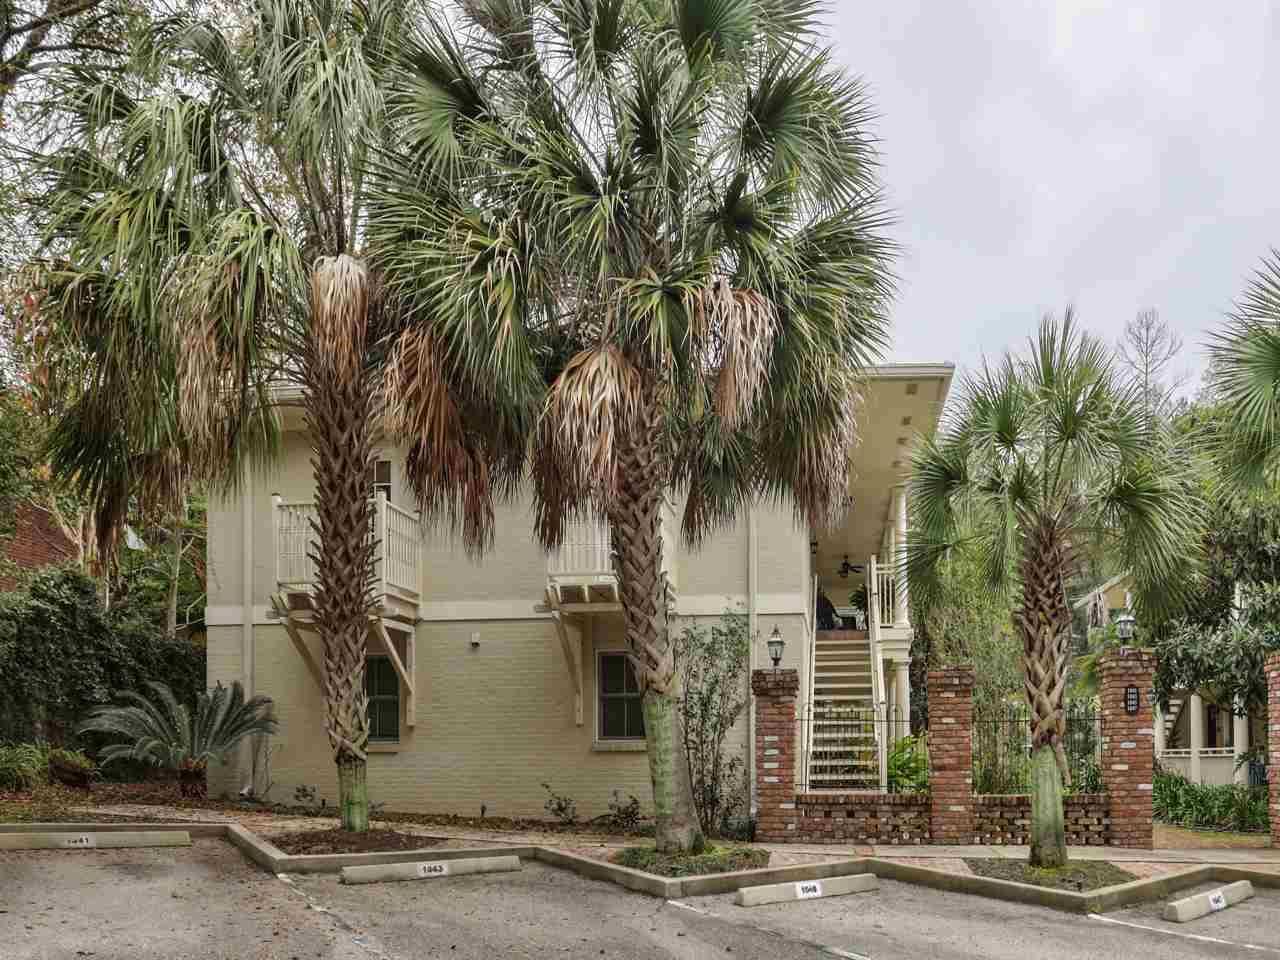 Photo of 1045 MARTIN Street, TALLAHASSEE, FL 32303 (MLS # 326828)